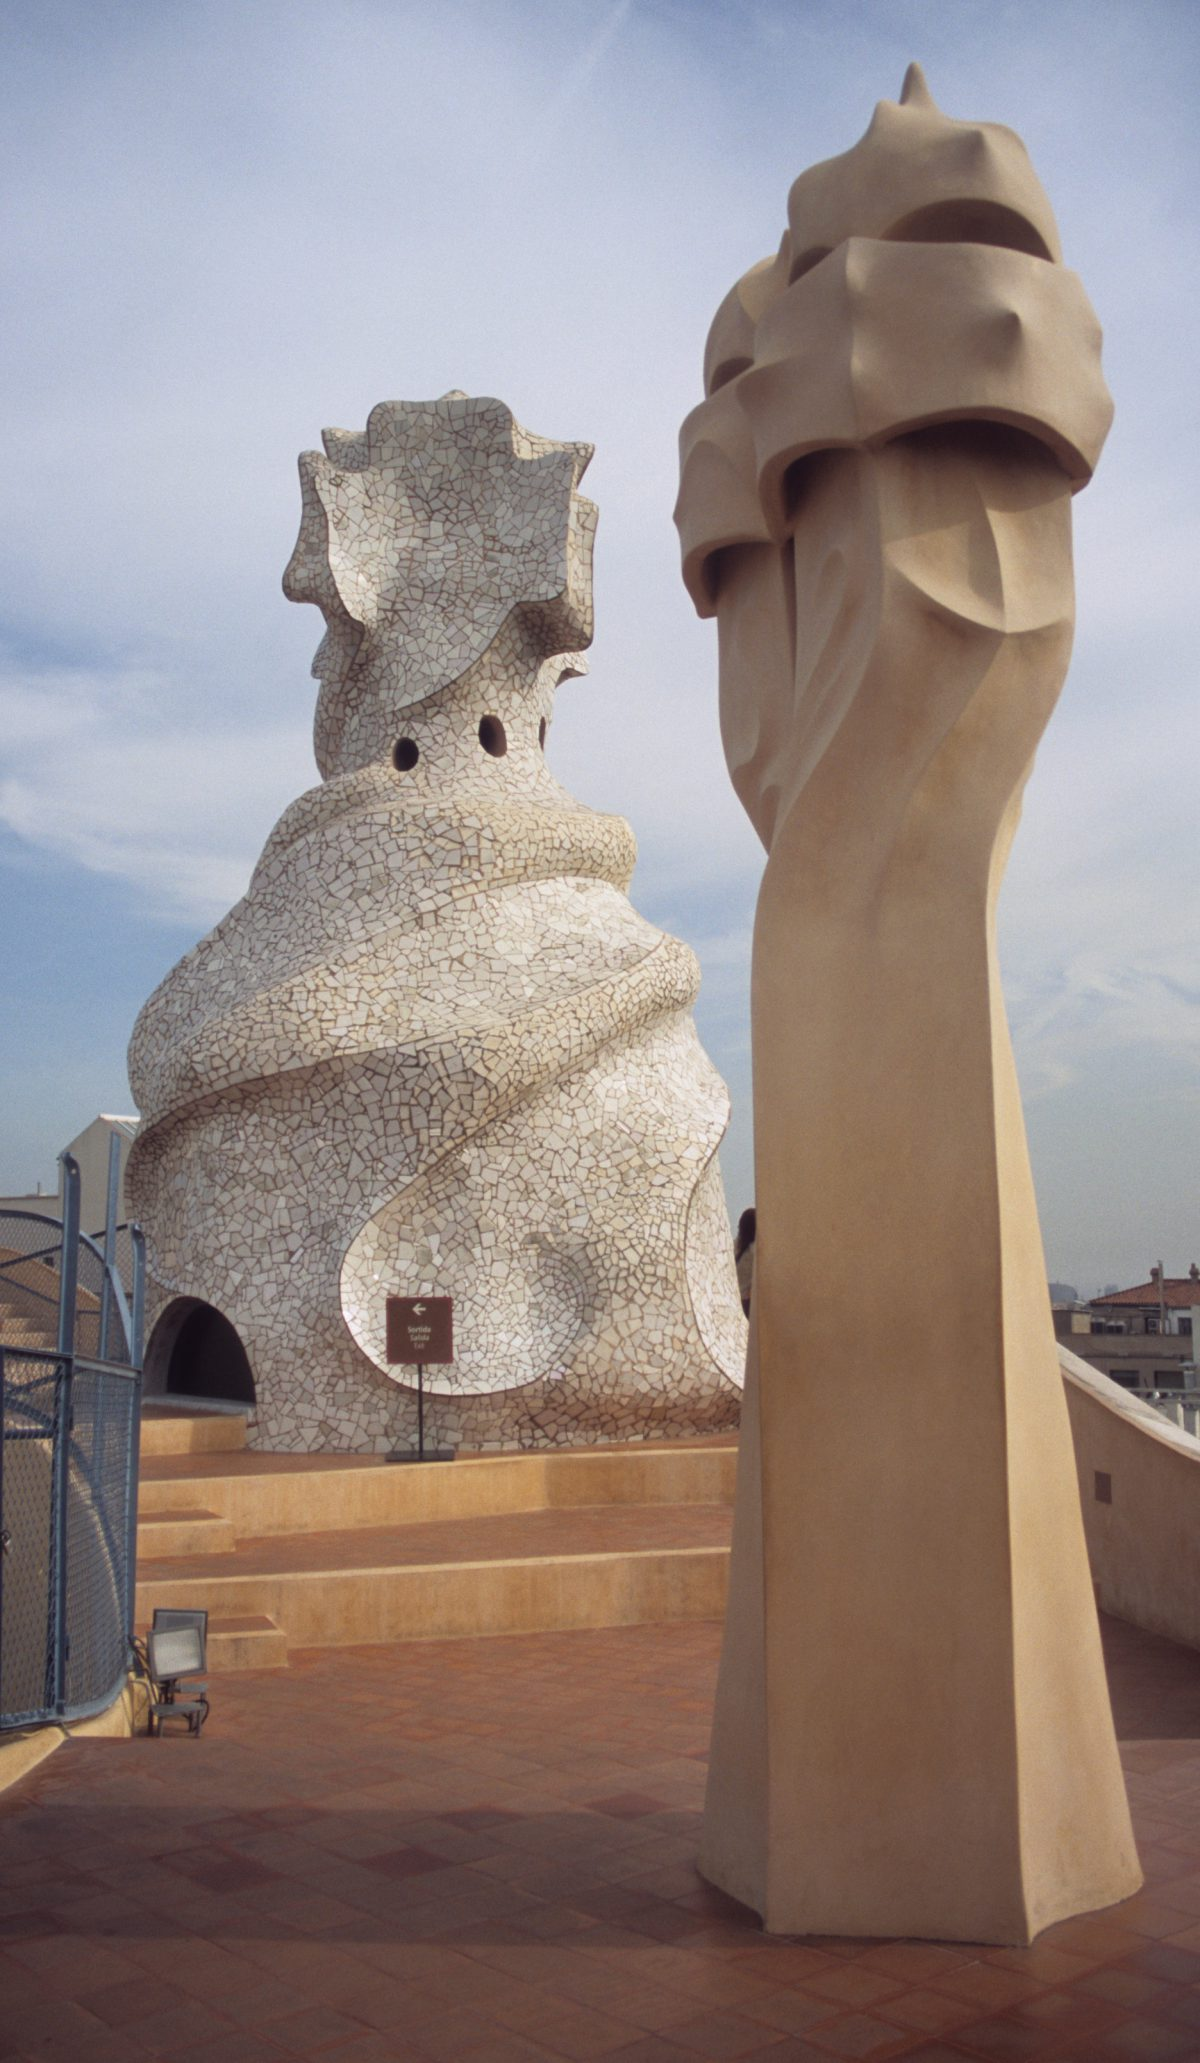 Casa Milà - Gaudí chimneys, art, chimney, sculpture